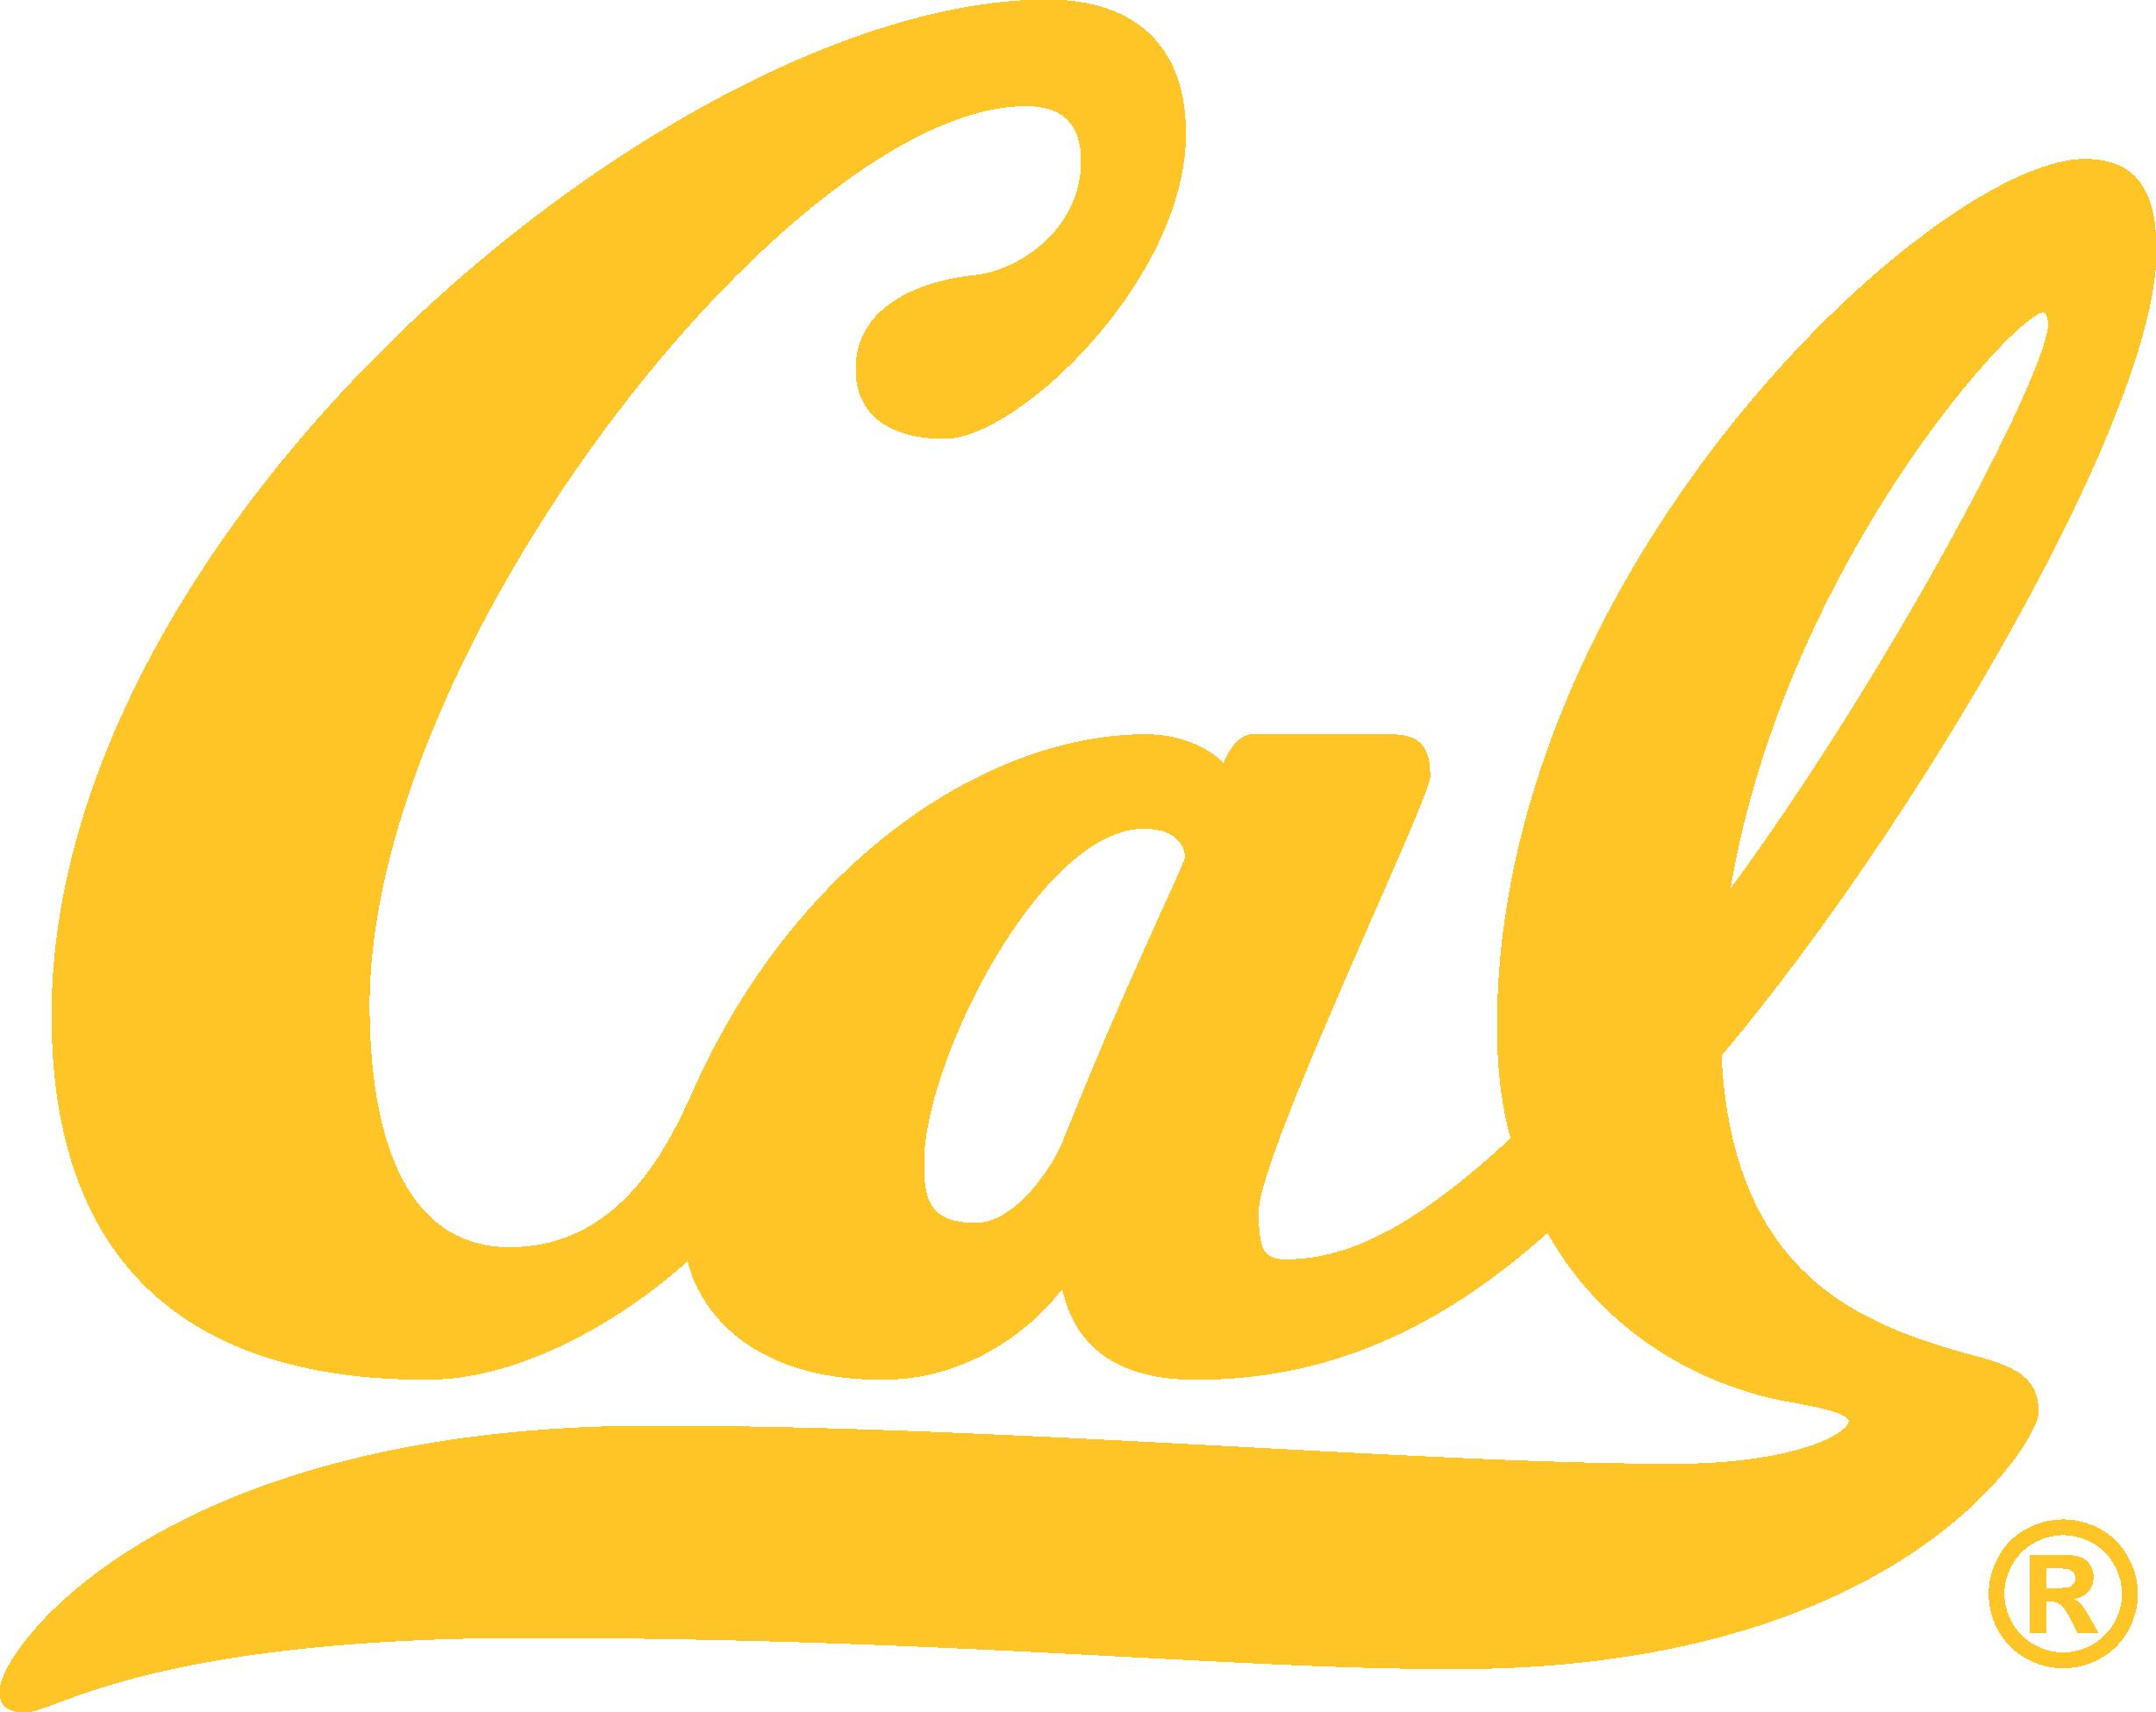 calScript_pms123_gold.png